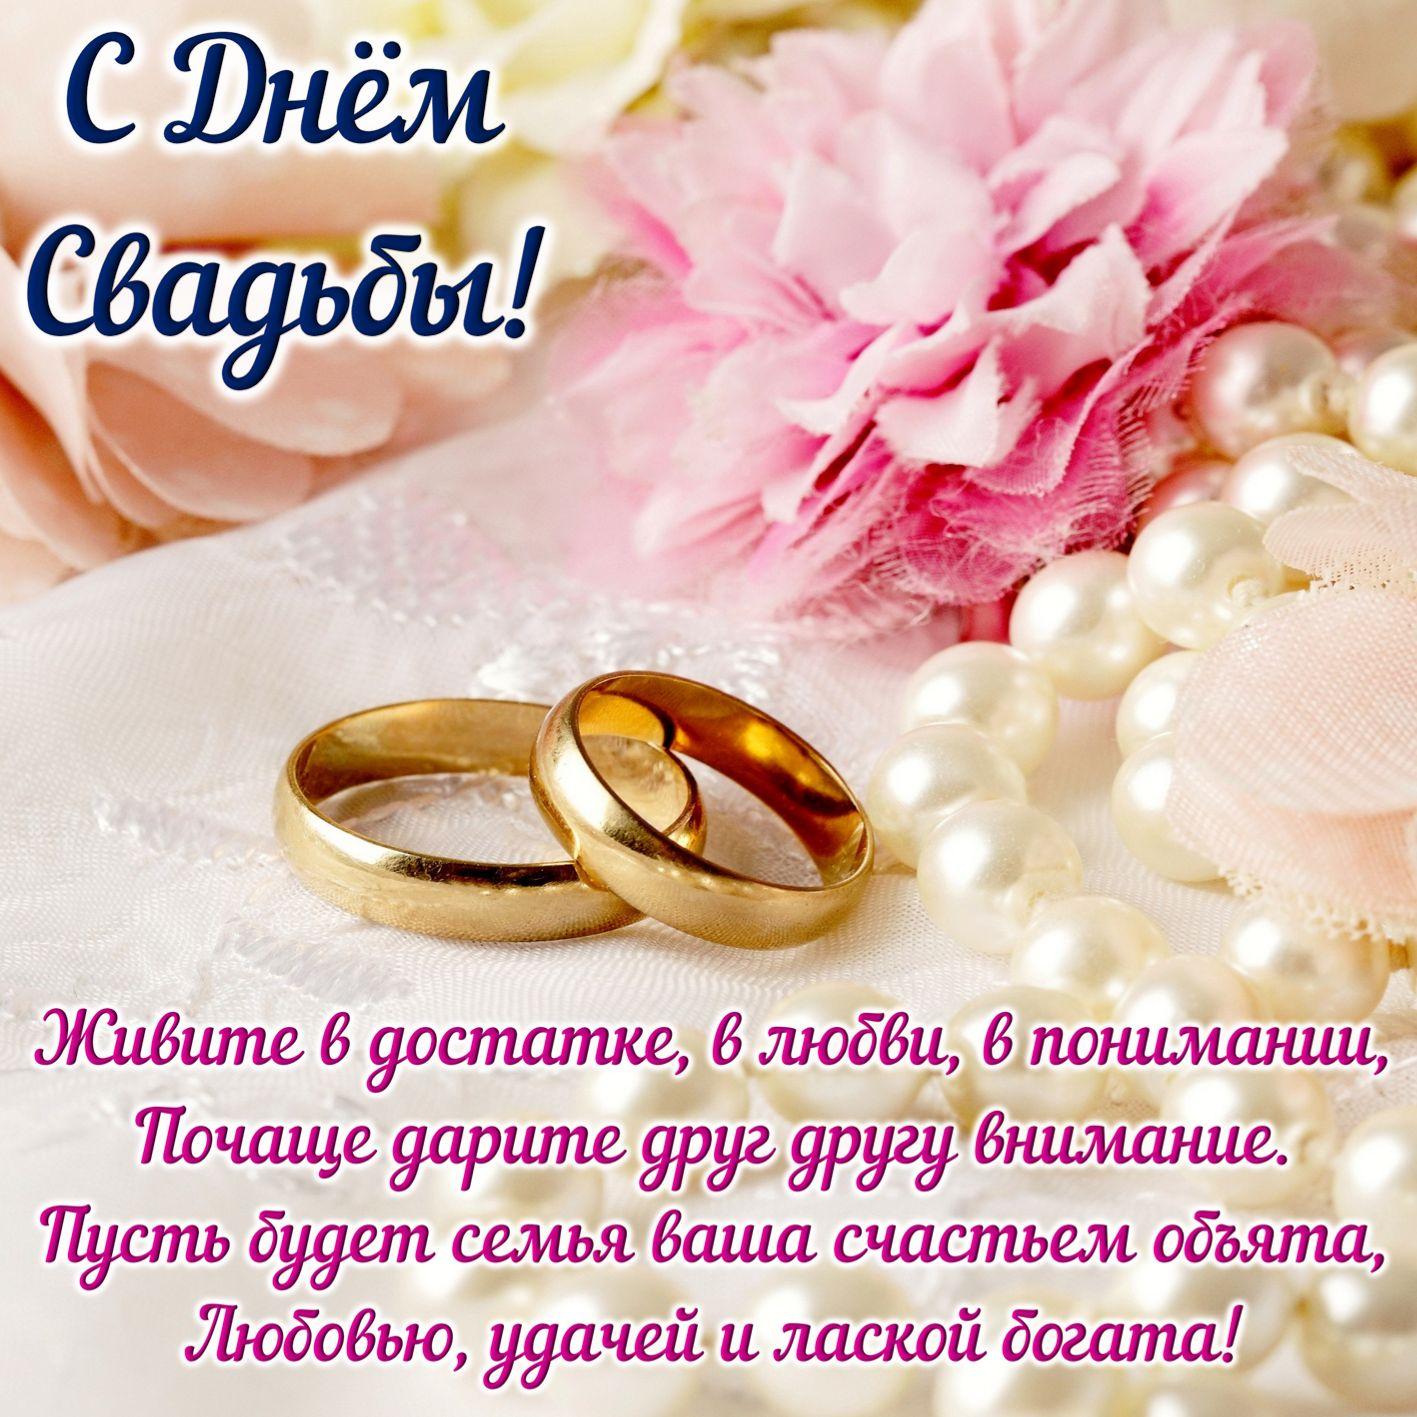 Поздравление с какой то годовщиной свадьбы